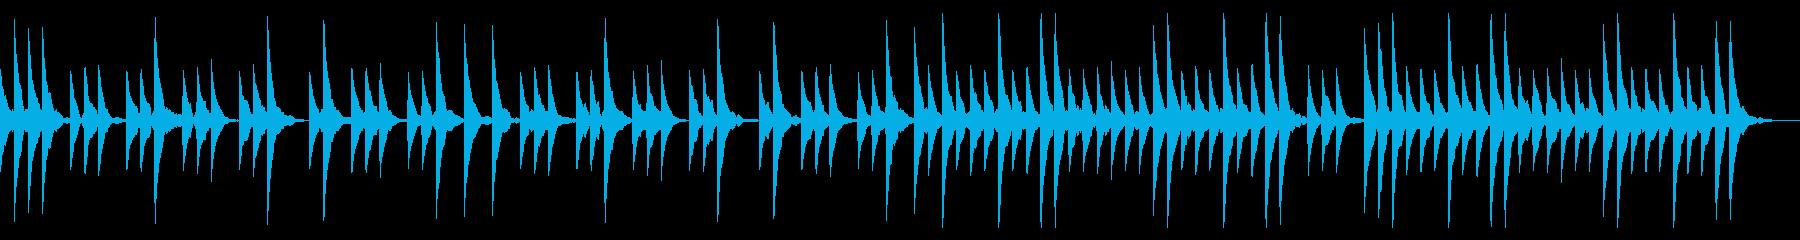 優しさを感じられるシンプルなBGMの再生済みの波形